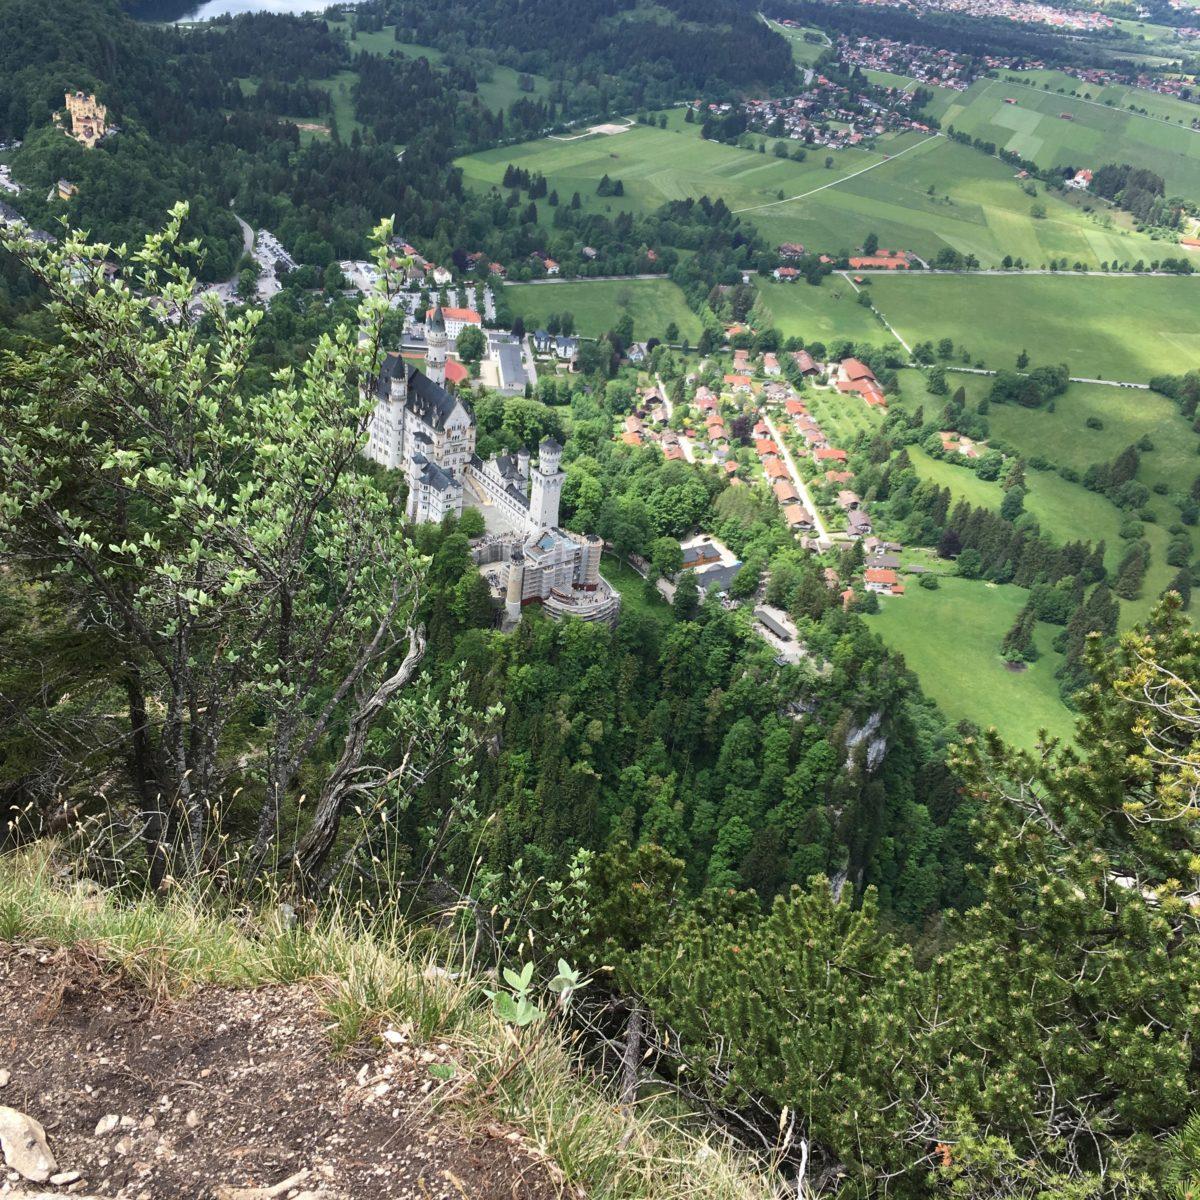 Blick vom Wanderweg auf das Schloss unterhalb